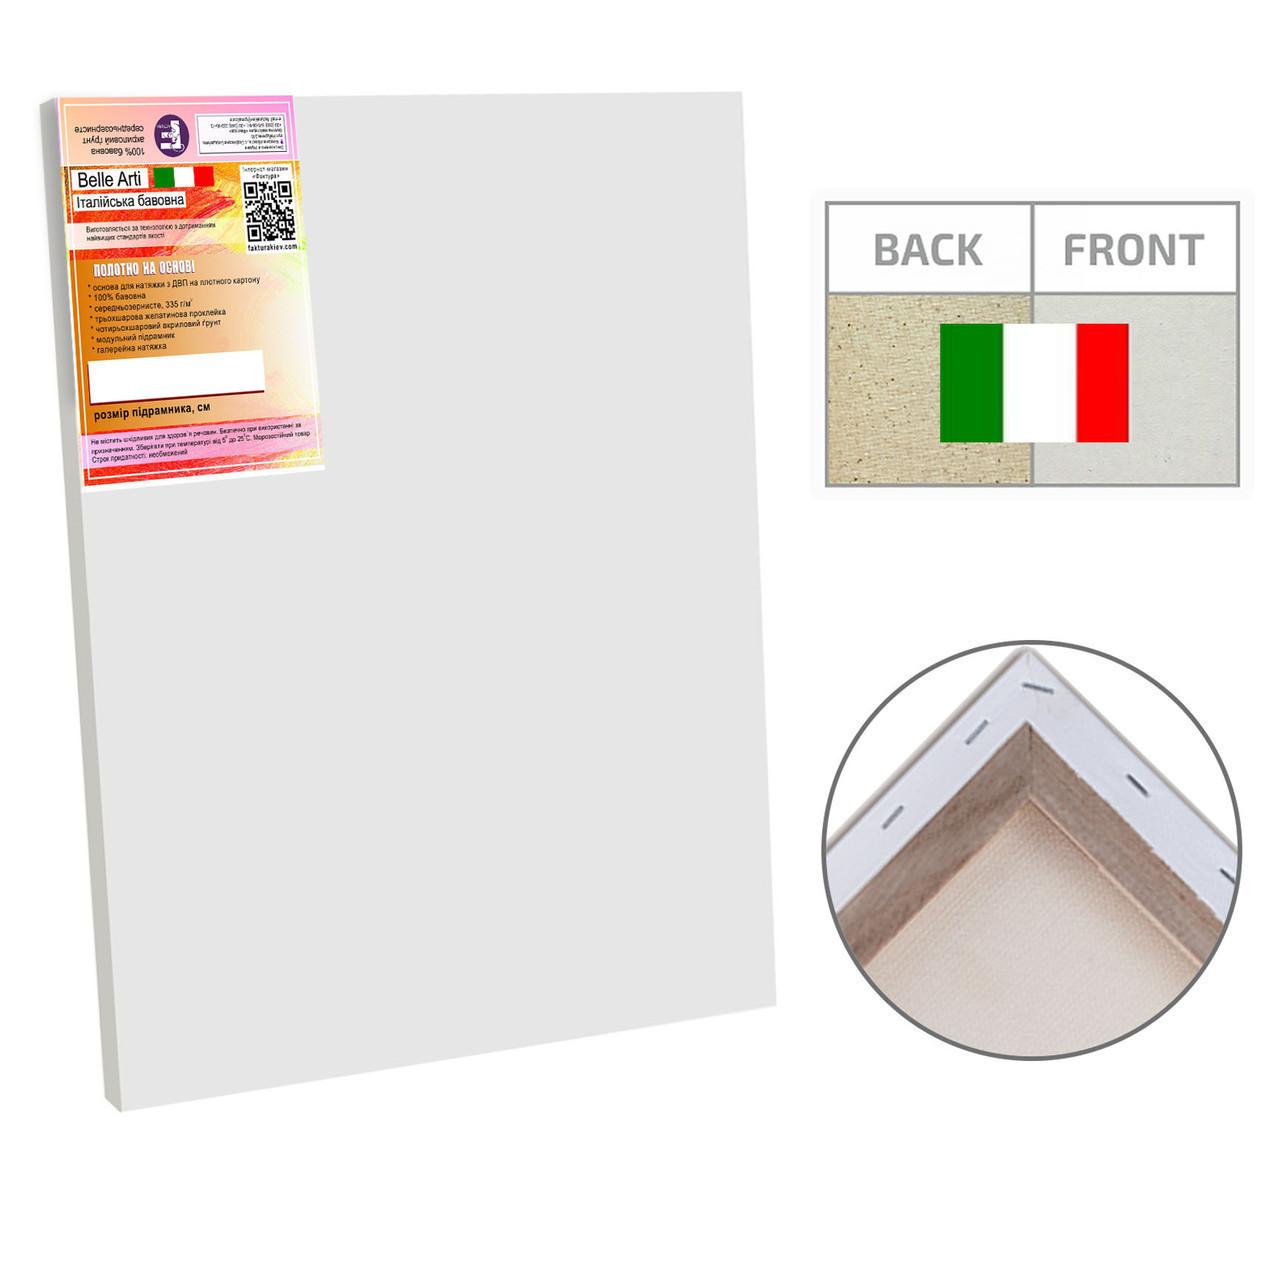 Холст на подрамнике Factura BelleArti 25х25 см Итальянский хлопок 285 грамм кв.м. среднее зерно белый